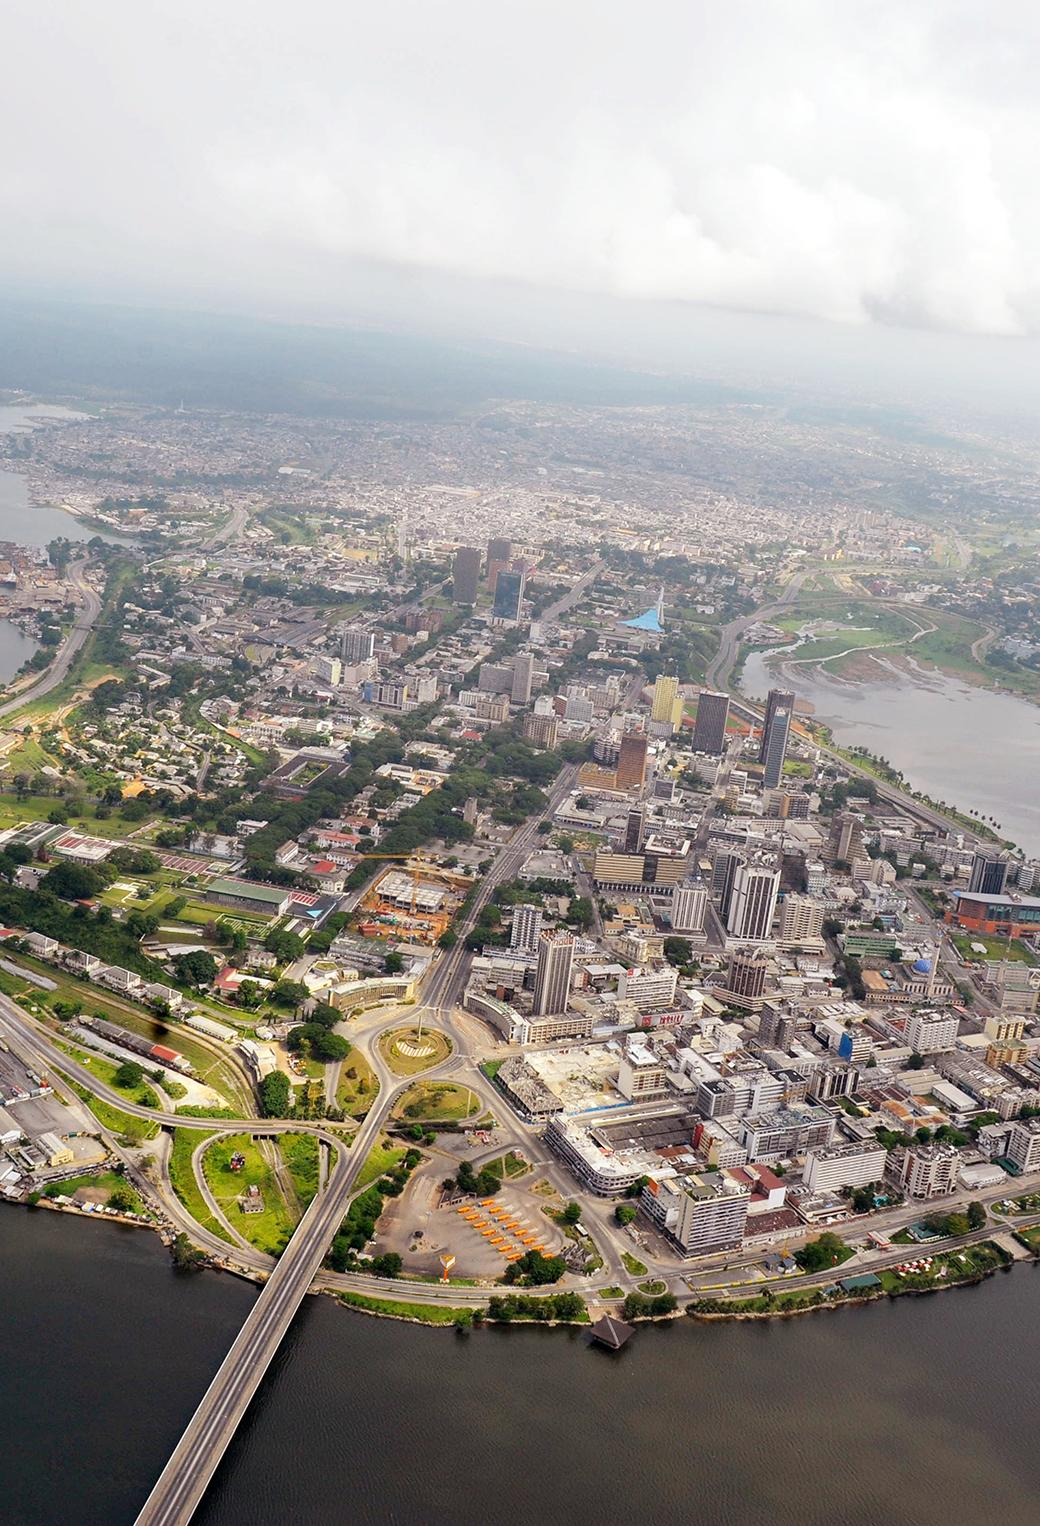 Aerial View of Abidjan 3Wallpapers iPhone Parallax Aerial View of Abidjan